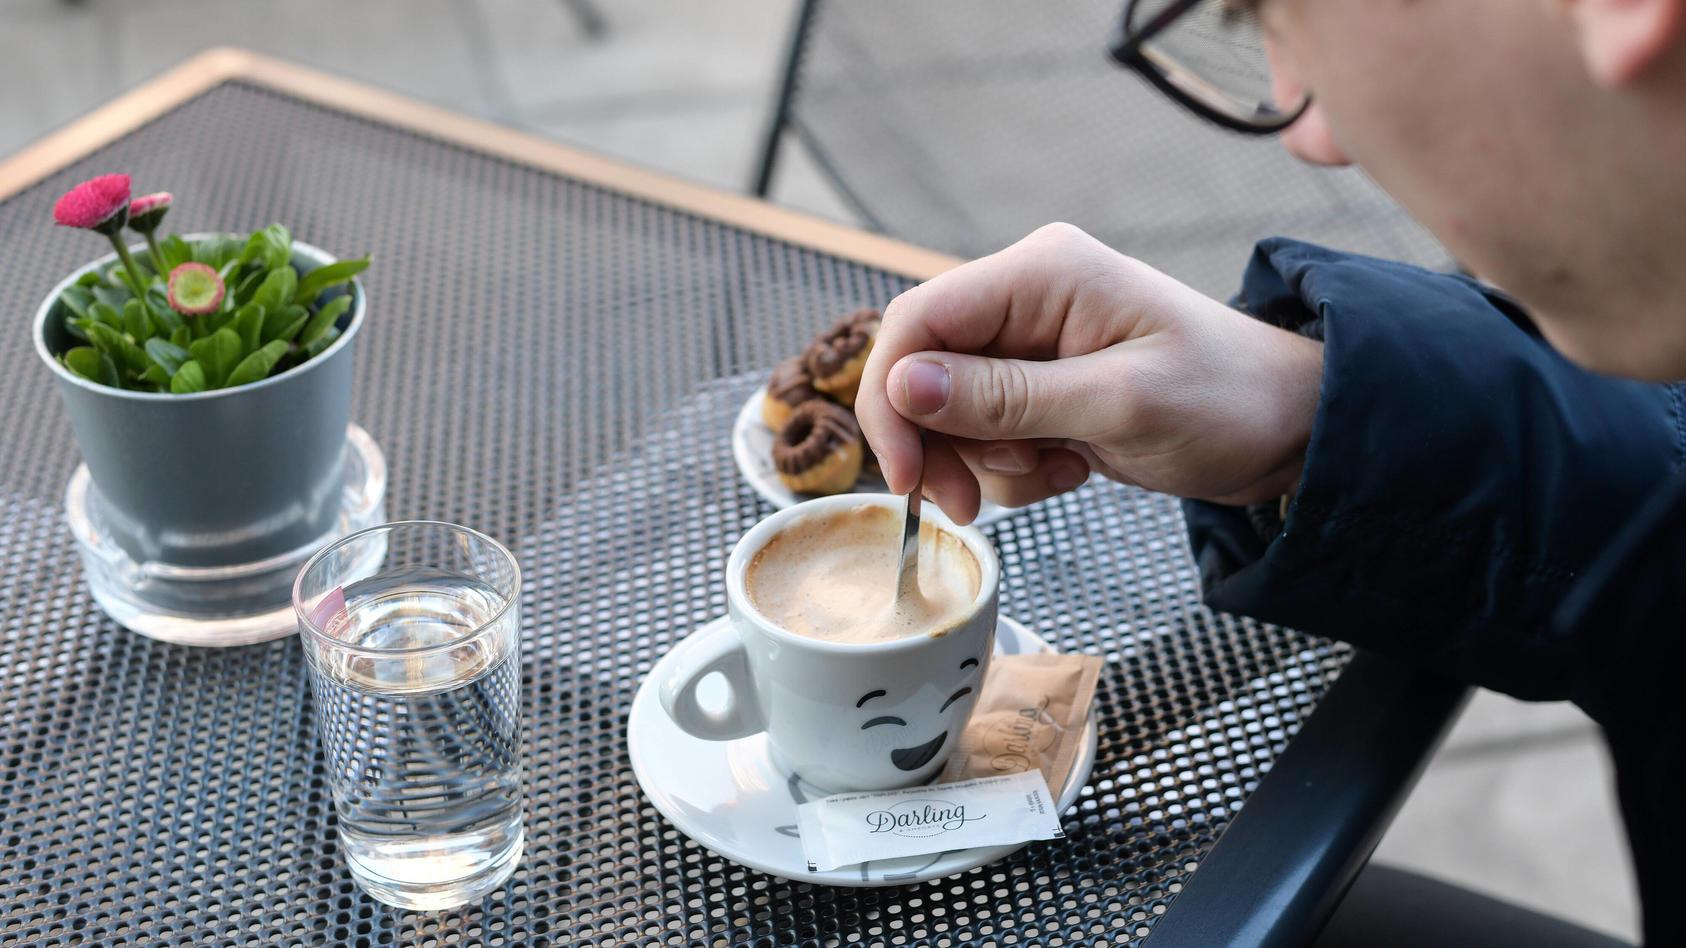 die-vorliebe-fur-kaffee-wirkt-sich-auch-auf-andere-aspekte-des-lebens-aus